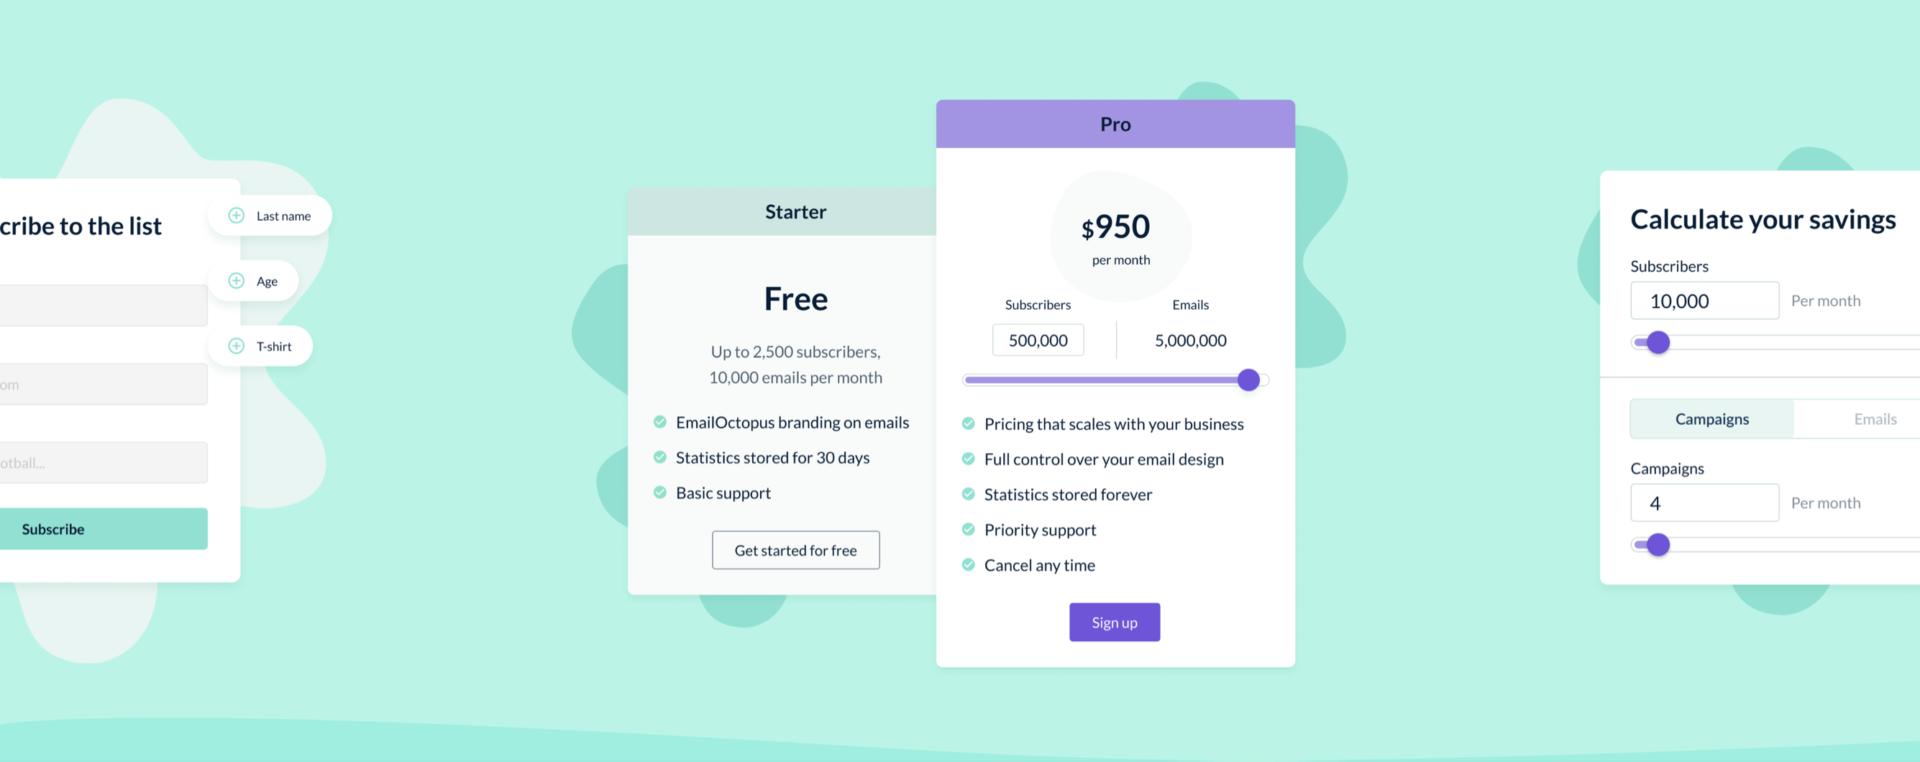 EmailOctopus UI design